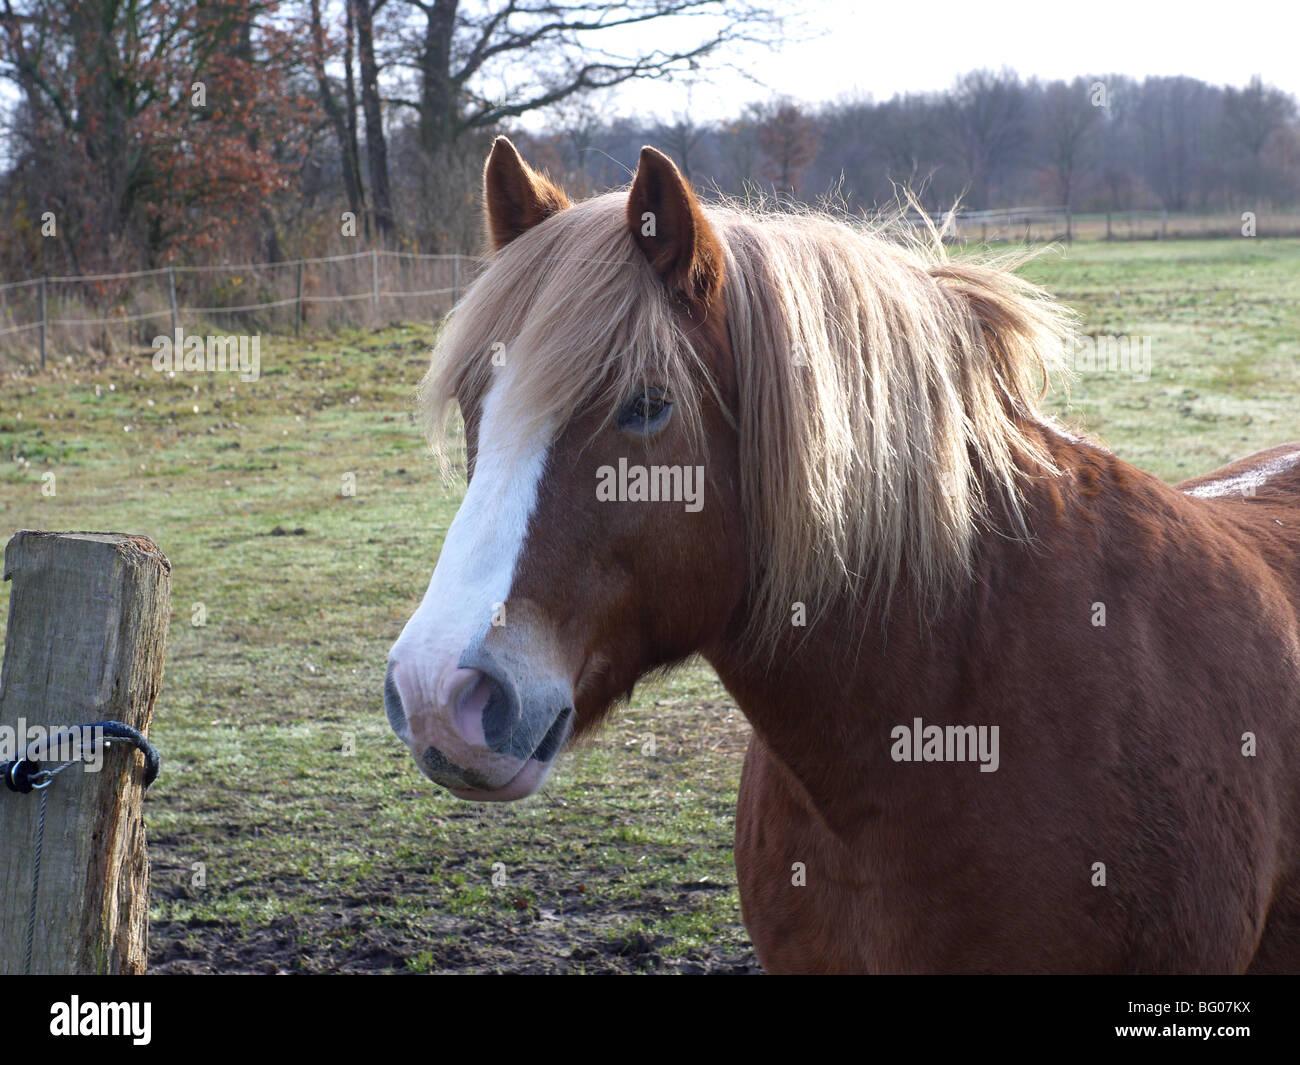 Jona, a Noriker gelding on a pasture in Barum, Elbmarsch, Germany. - Stock Image